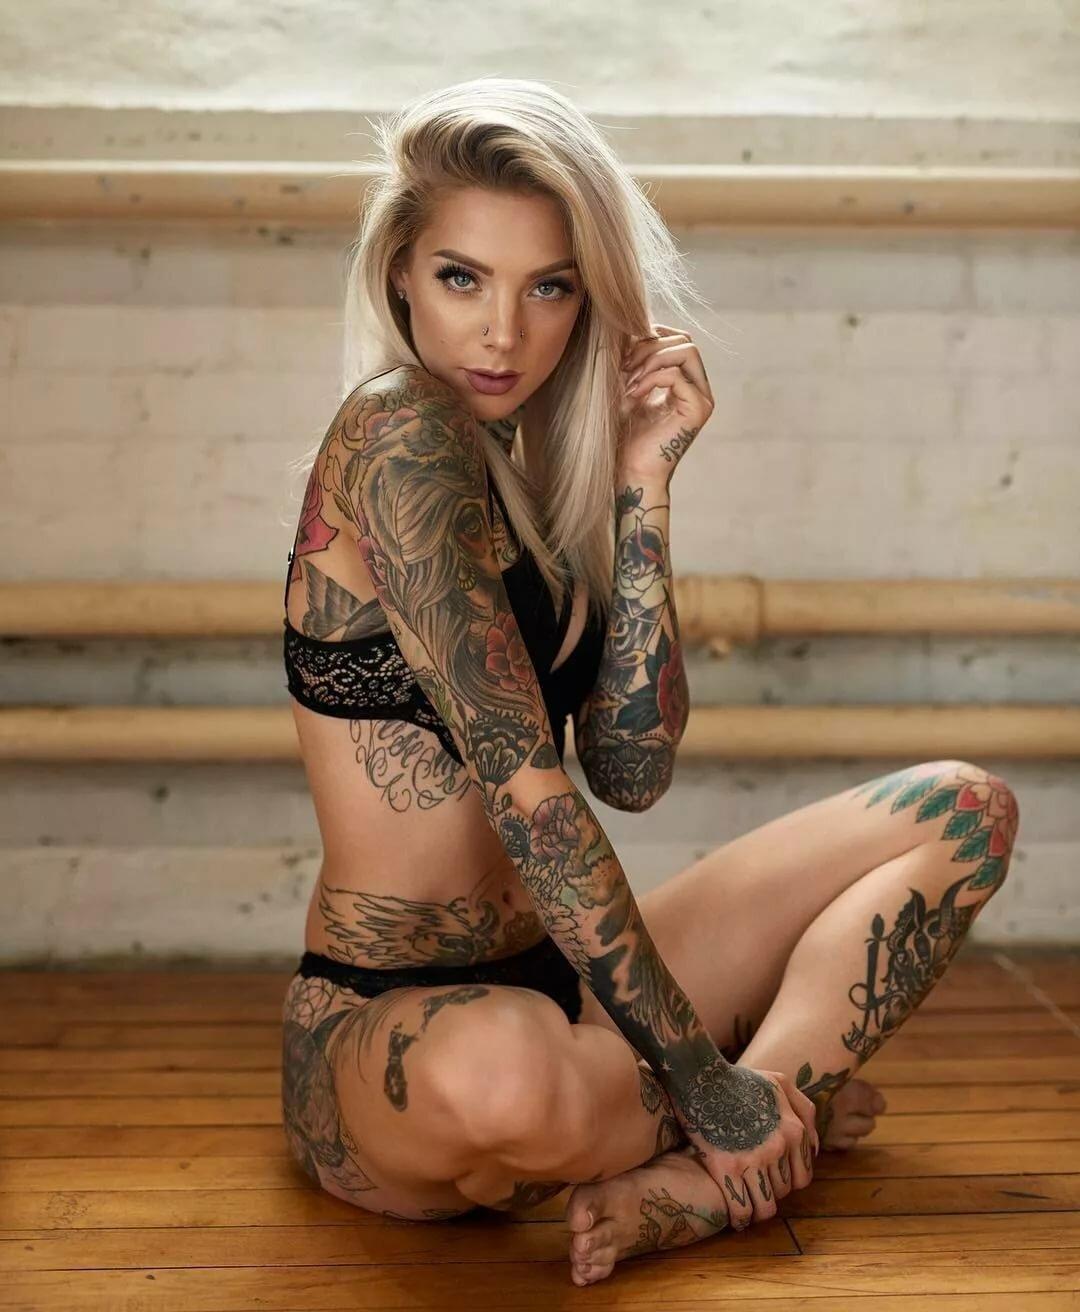 подборка сексуальных девушек с татуировками